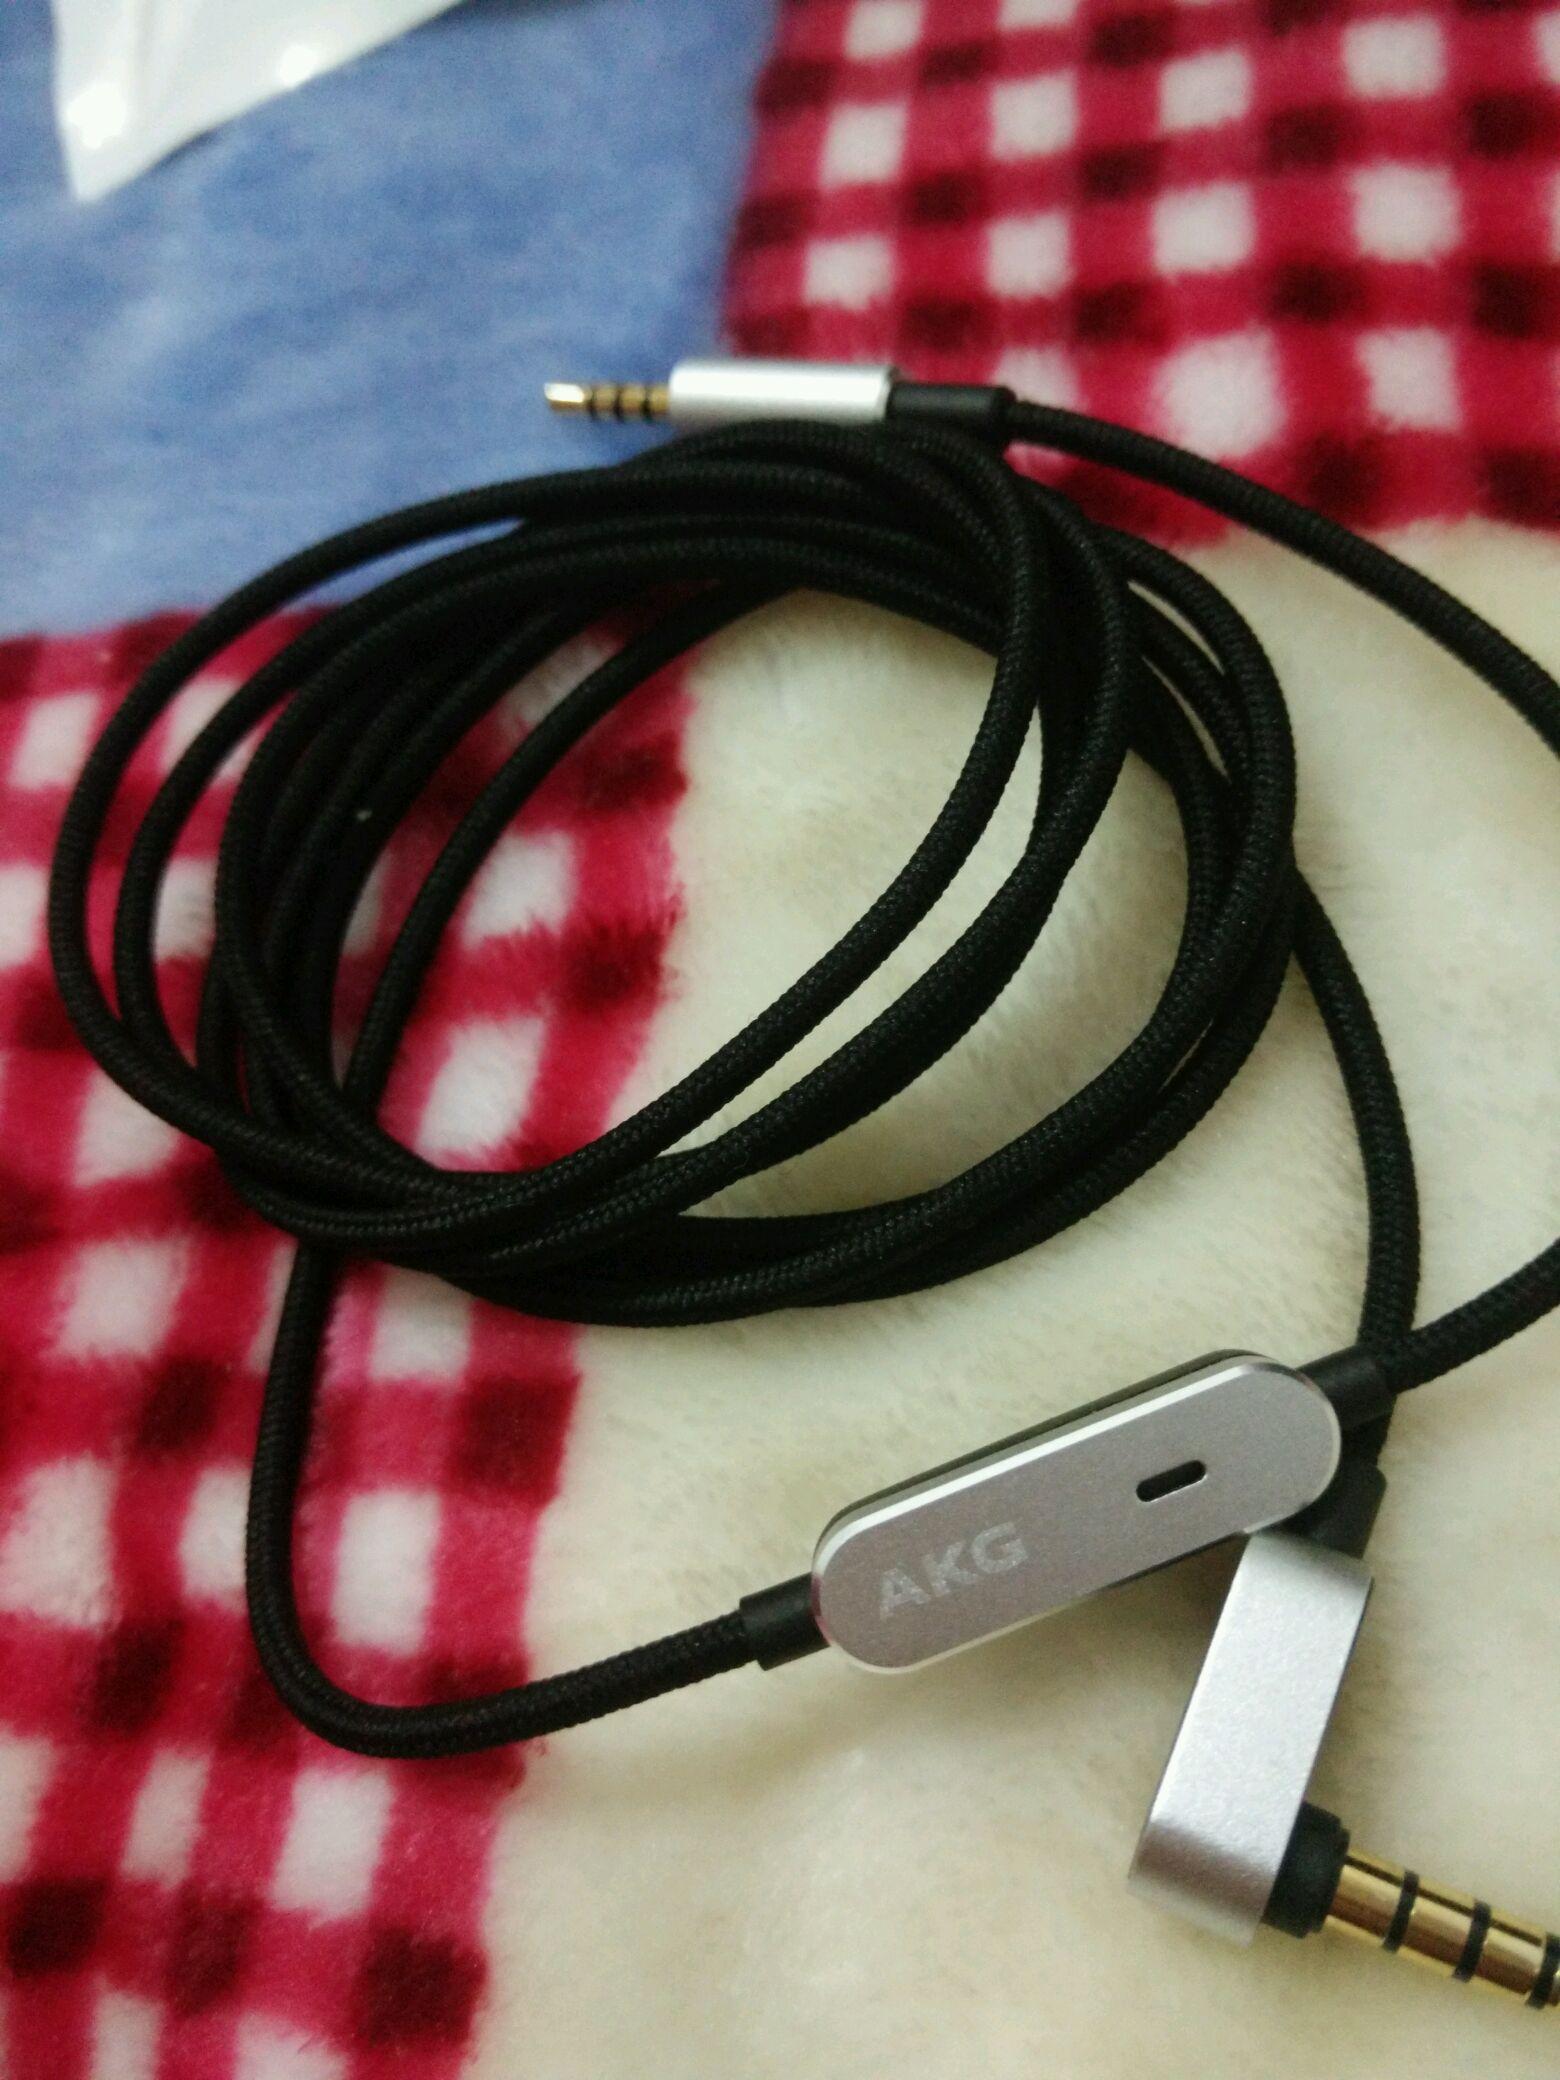 耳机线材-第2页-hifi耳机-vivo智能手机v粉社区